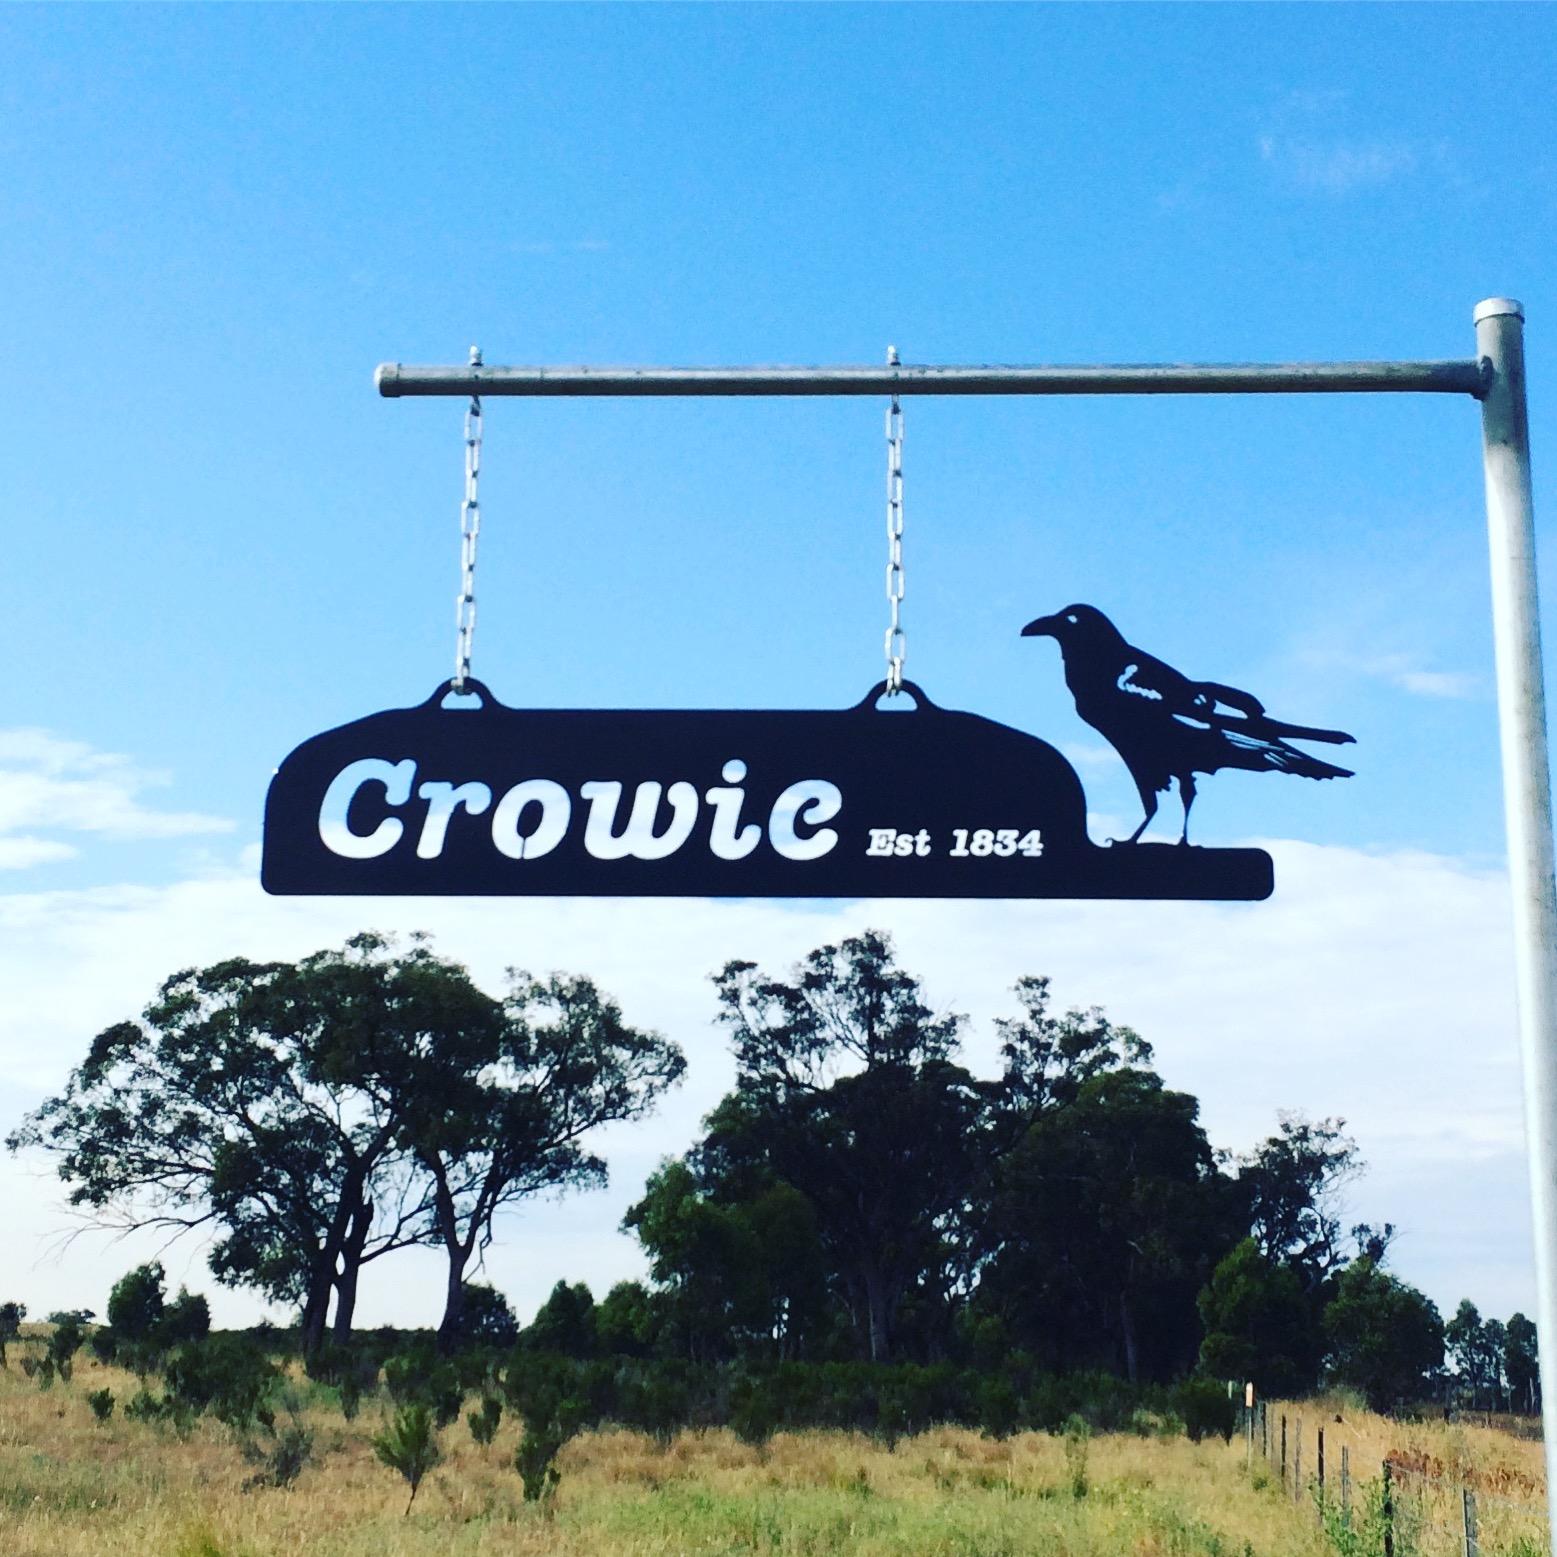 Crowie